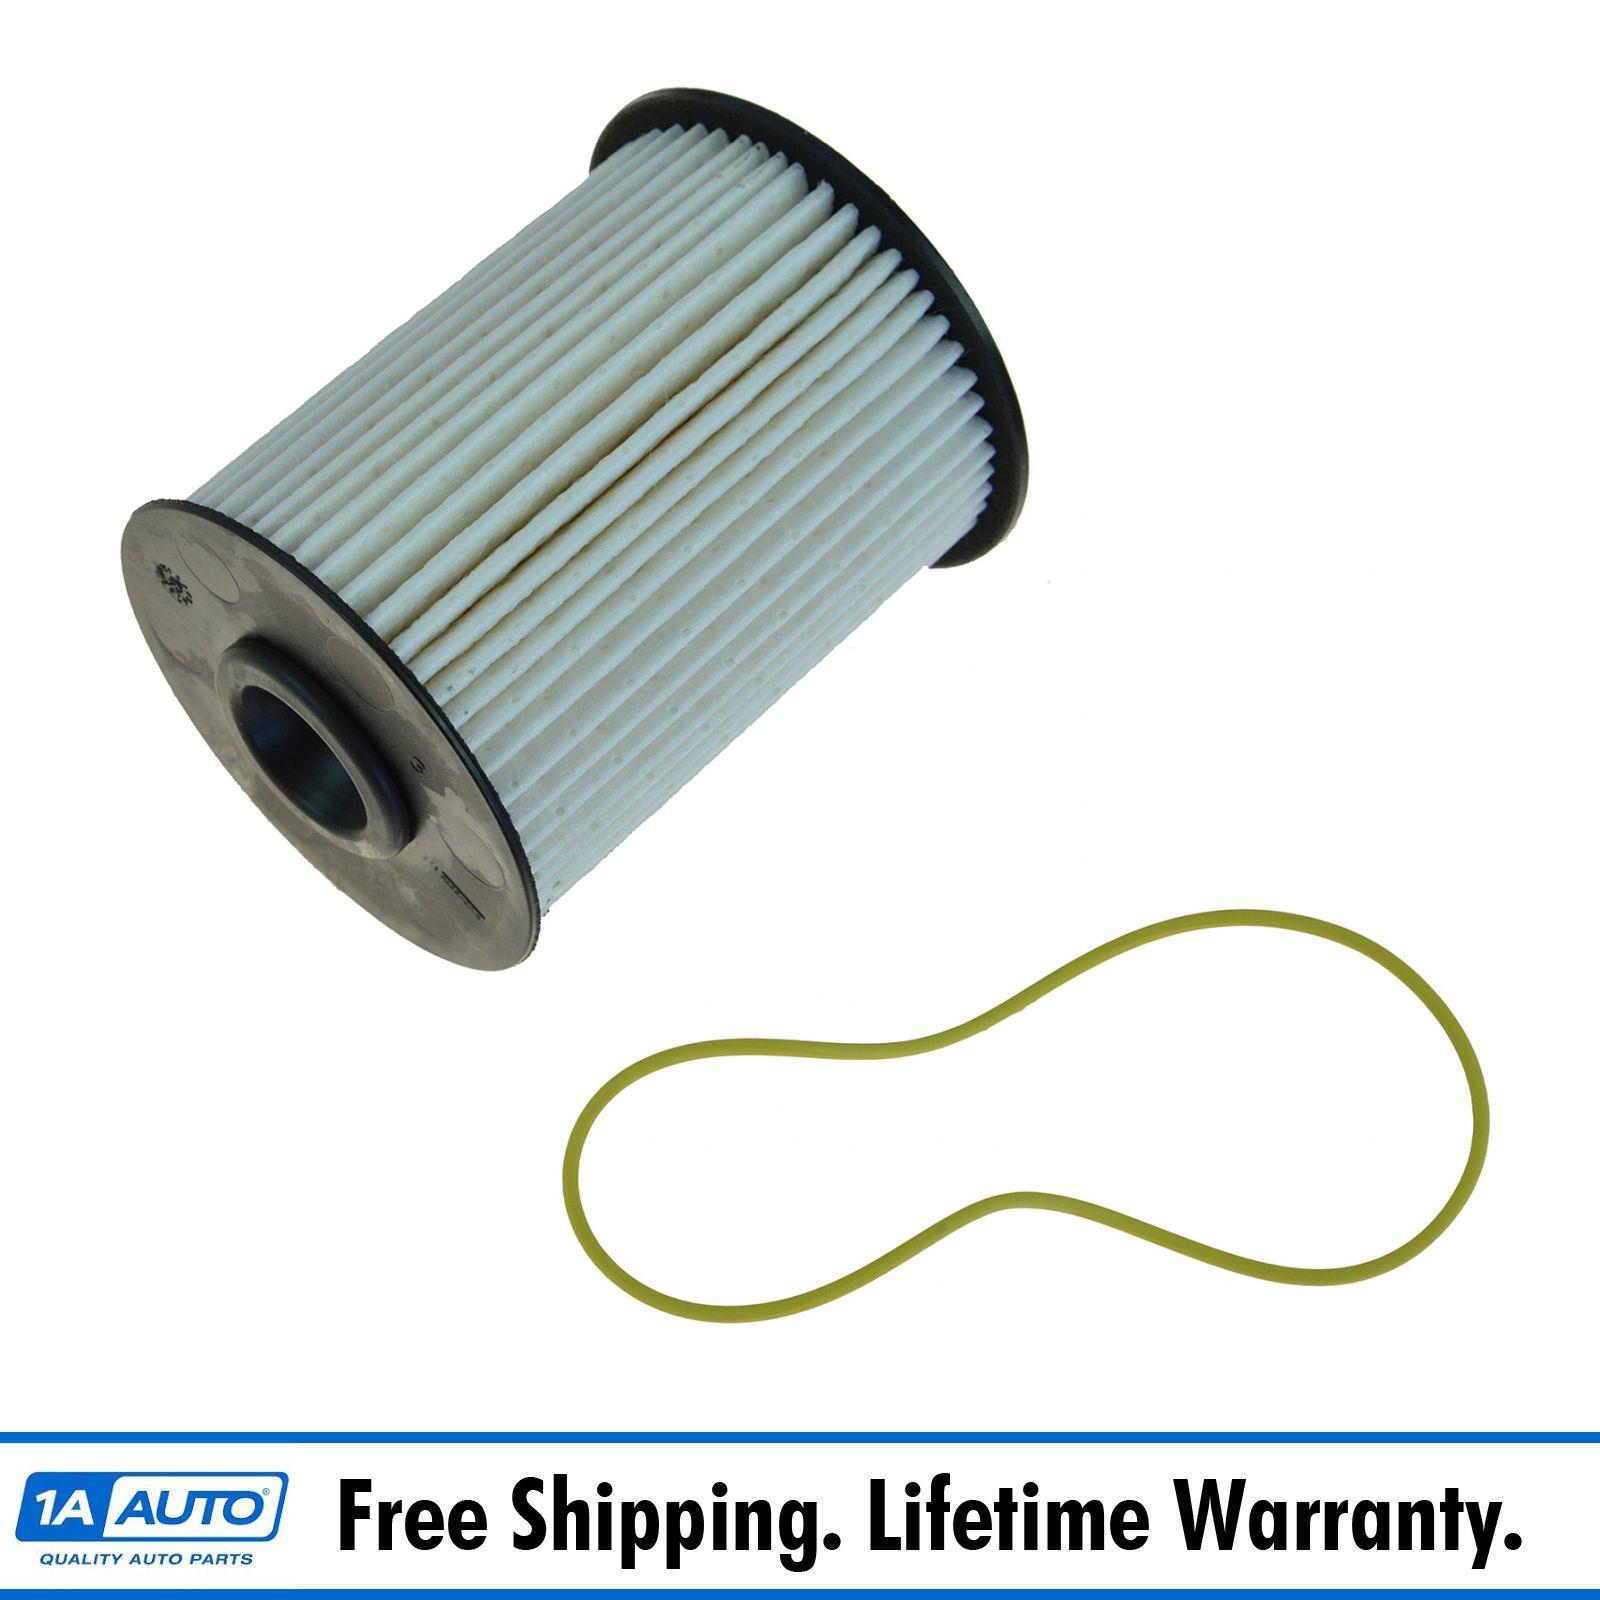 hight resolution of mopar 68001914ab diesel fuel filter for 00 09 dodge ram 2500 3500 l6 5 9l